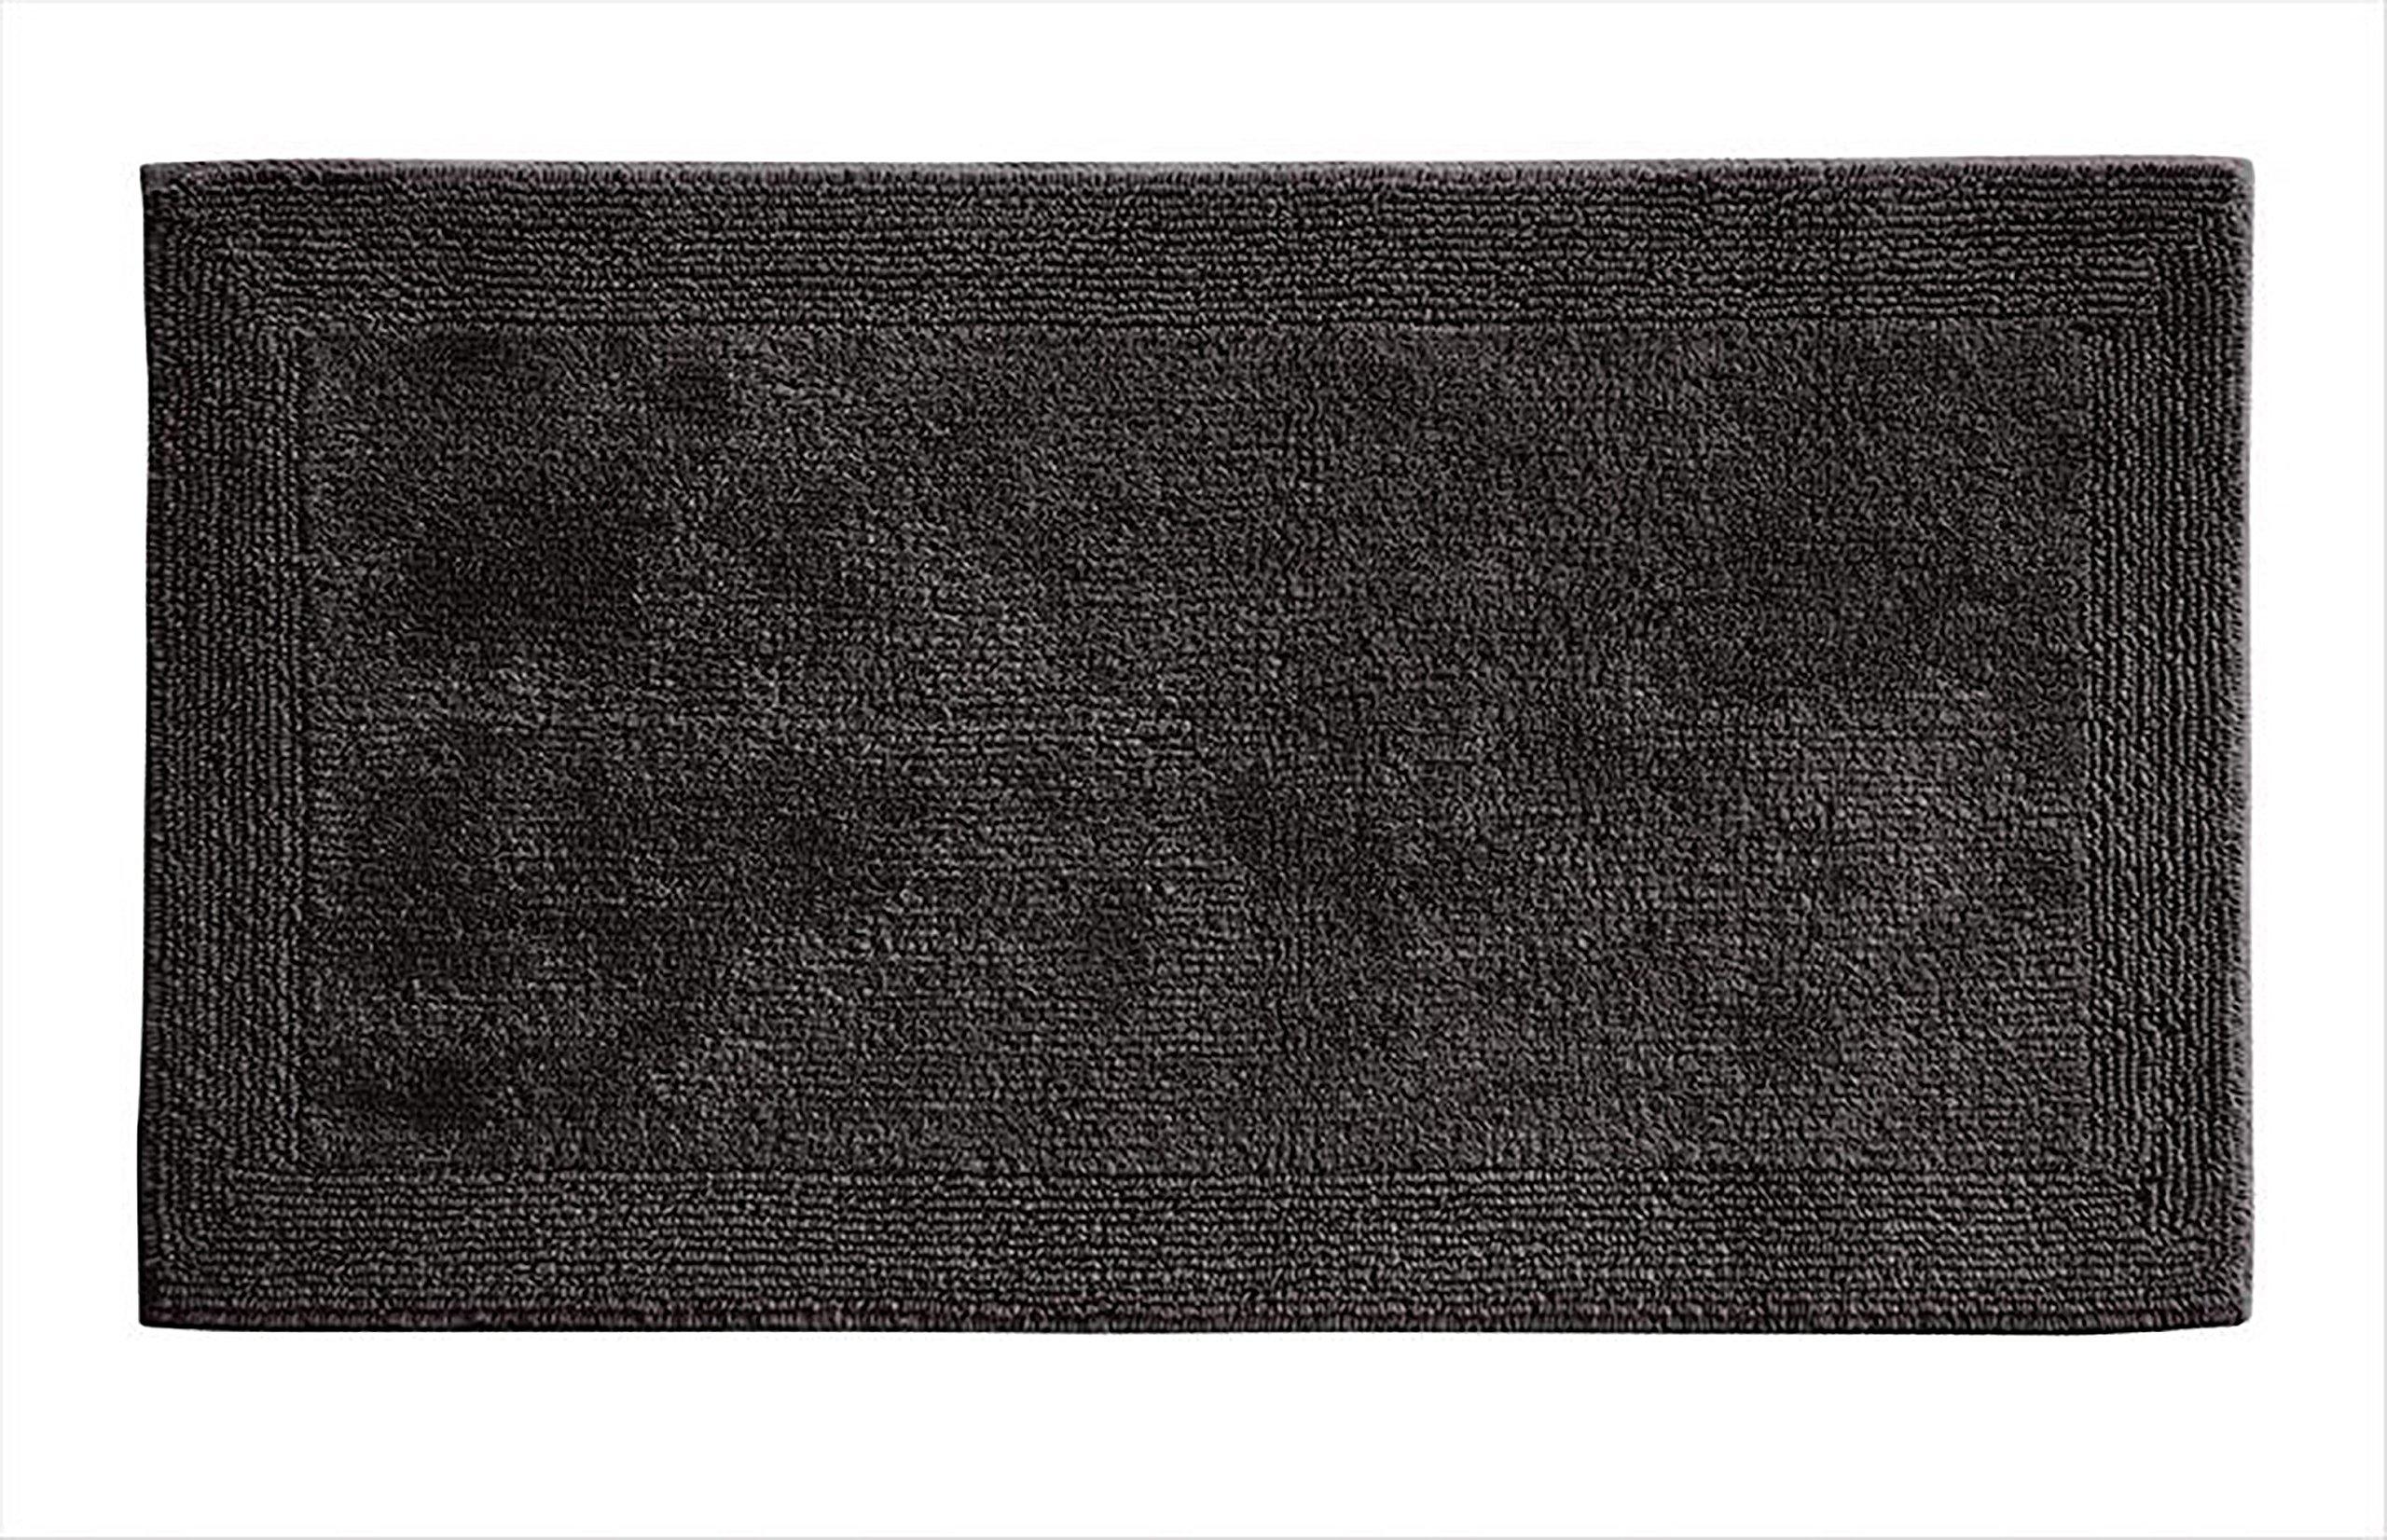 Grund Puro Series 100% Organic Cotton Reversible Bath Rug, 24-inch by 60-inch, Graphite